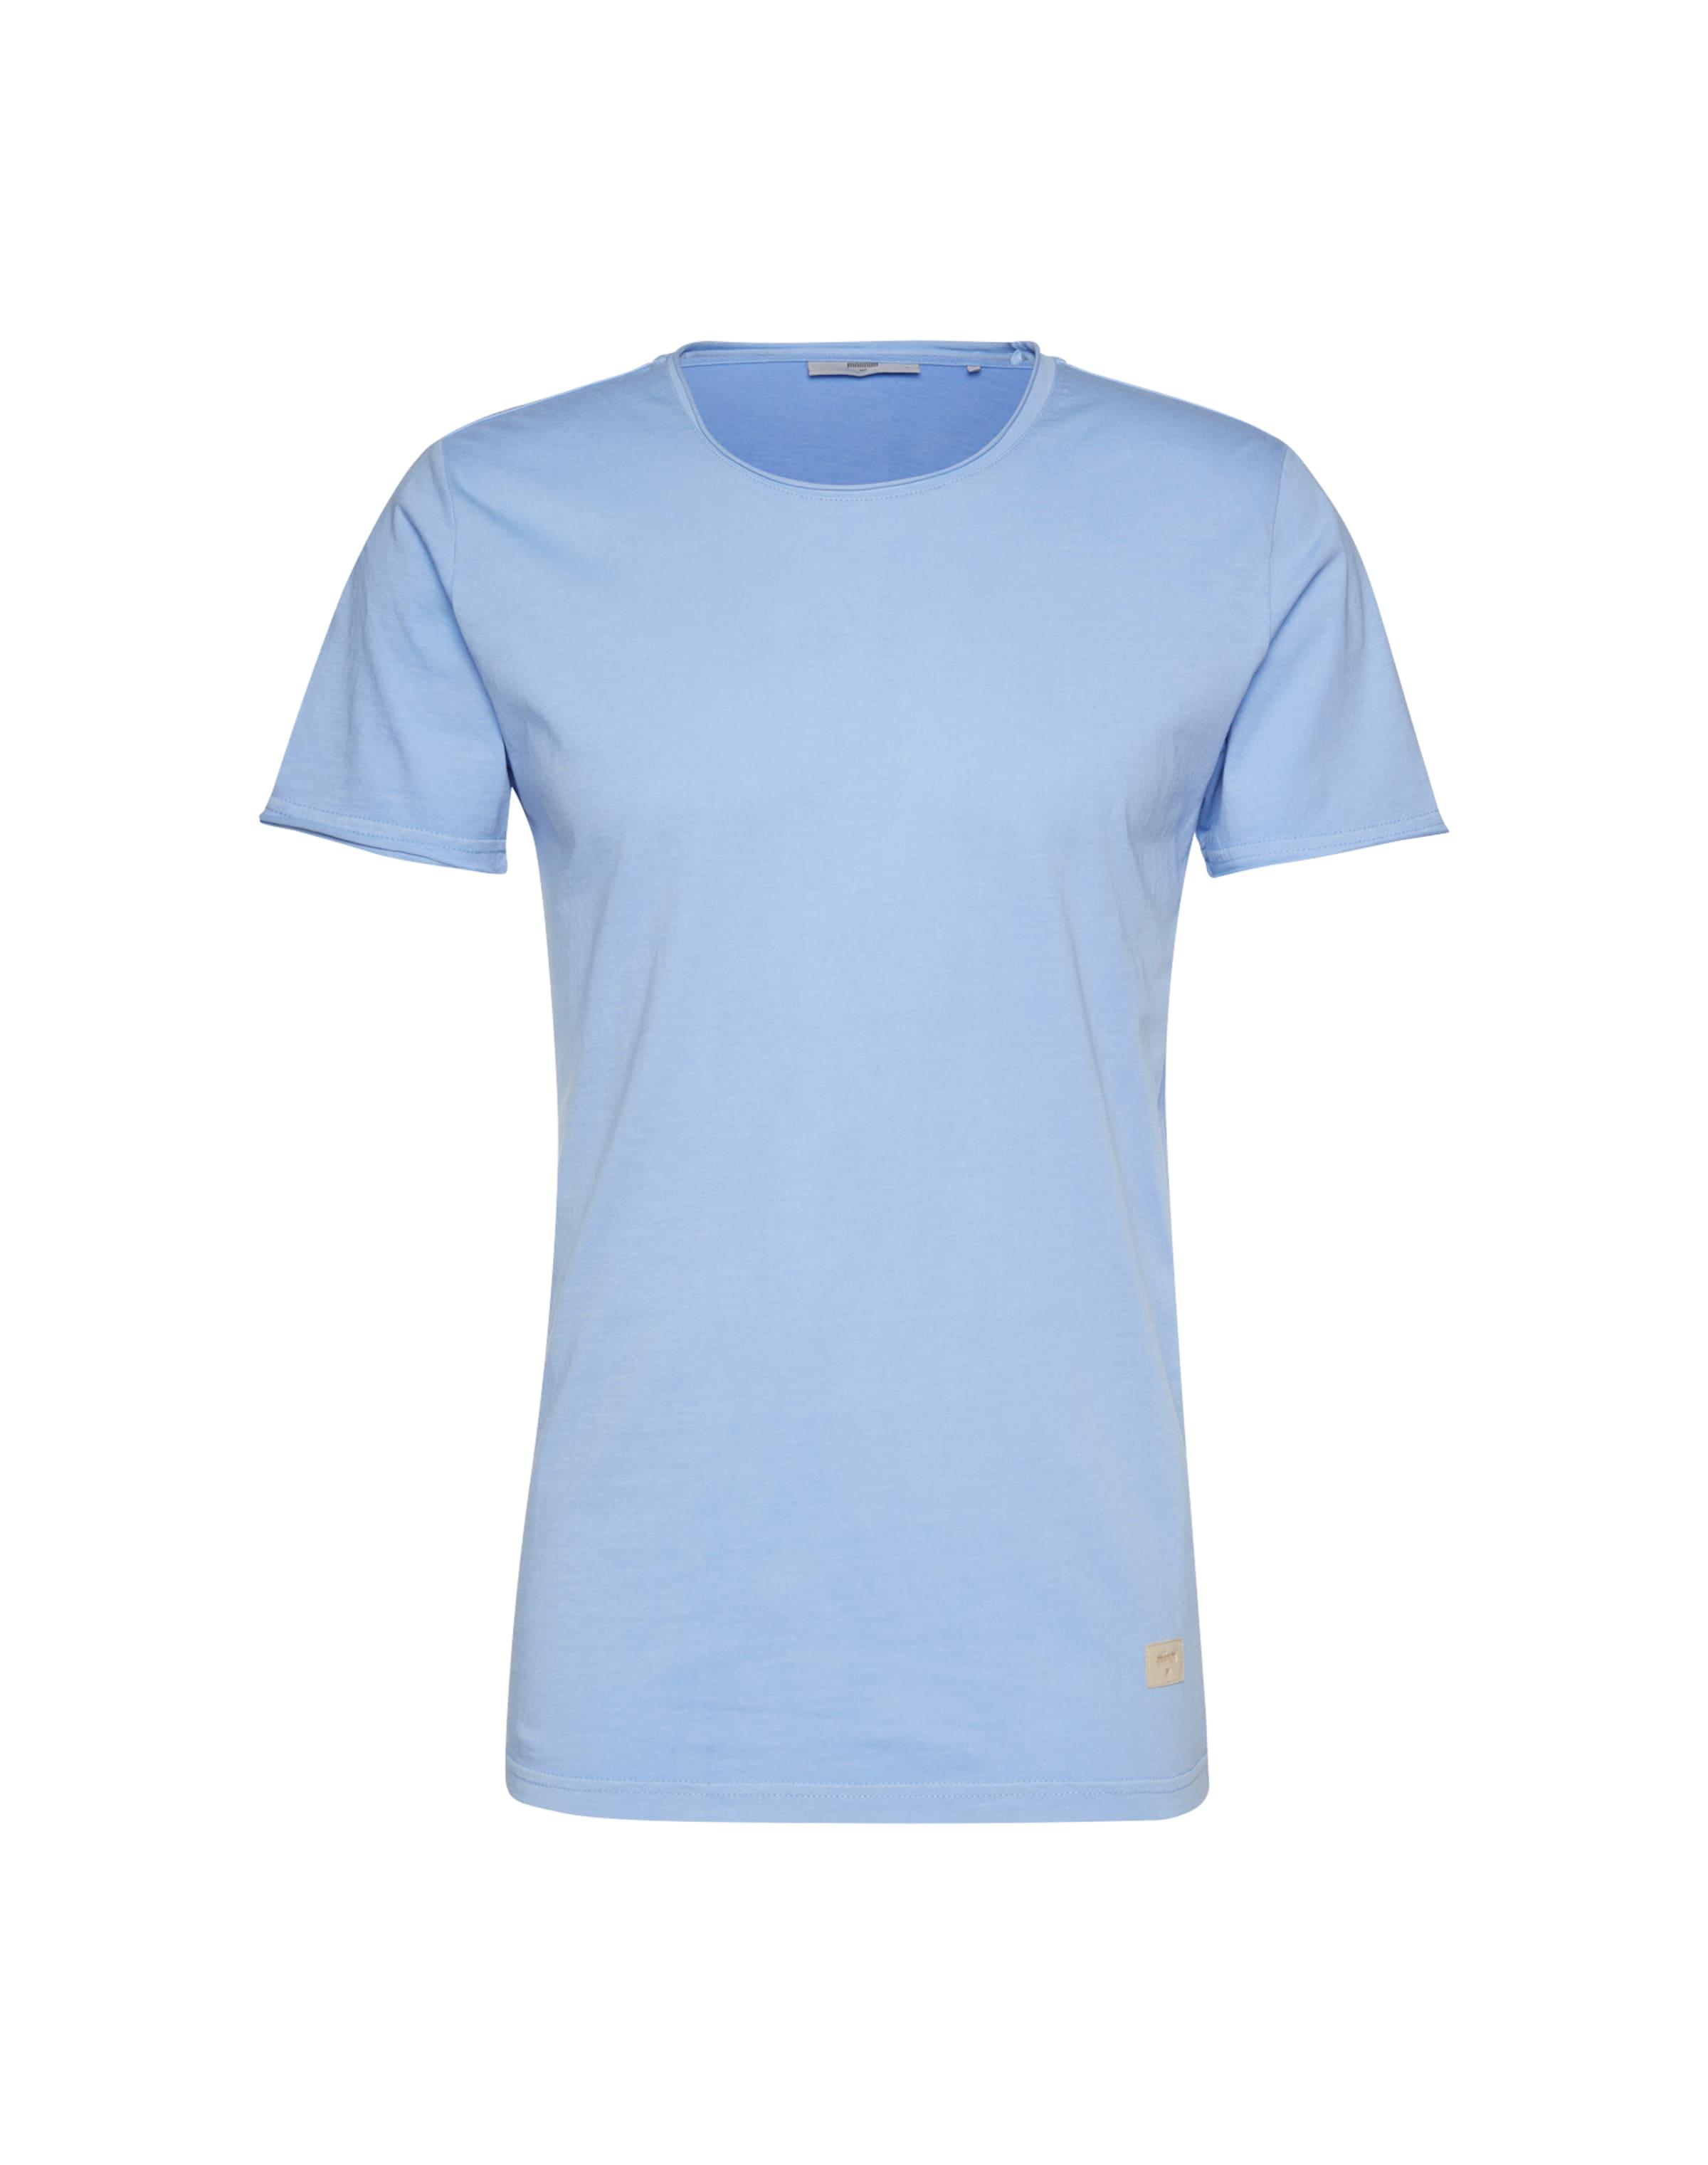 minimum Basic-Shirt 'Satron' Bilder Günstig Online Billig Offiziellen Freiraum Für Billig gVGkok